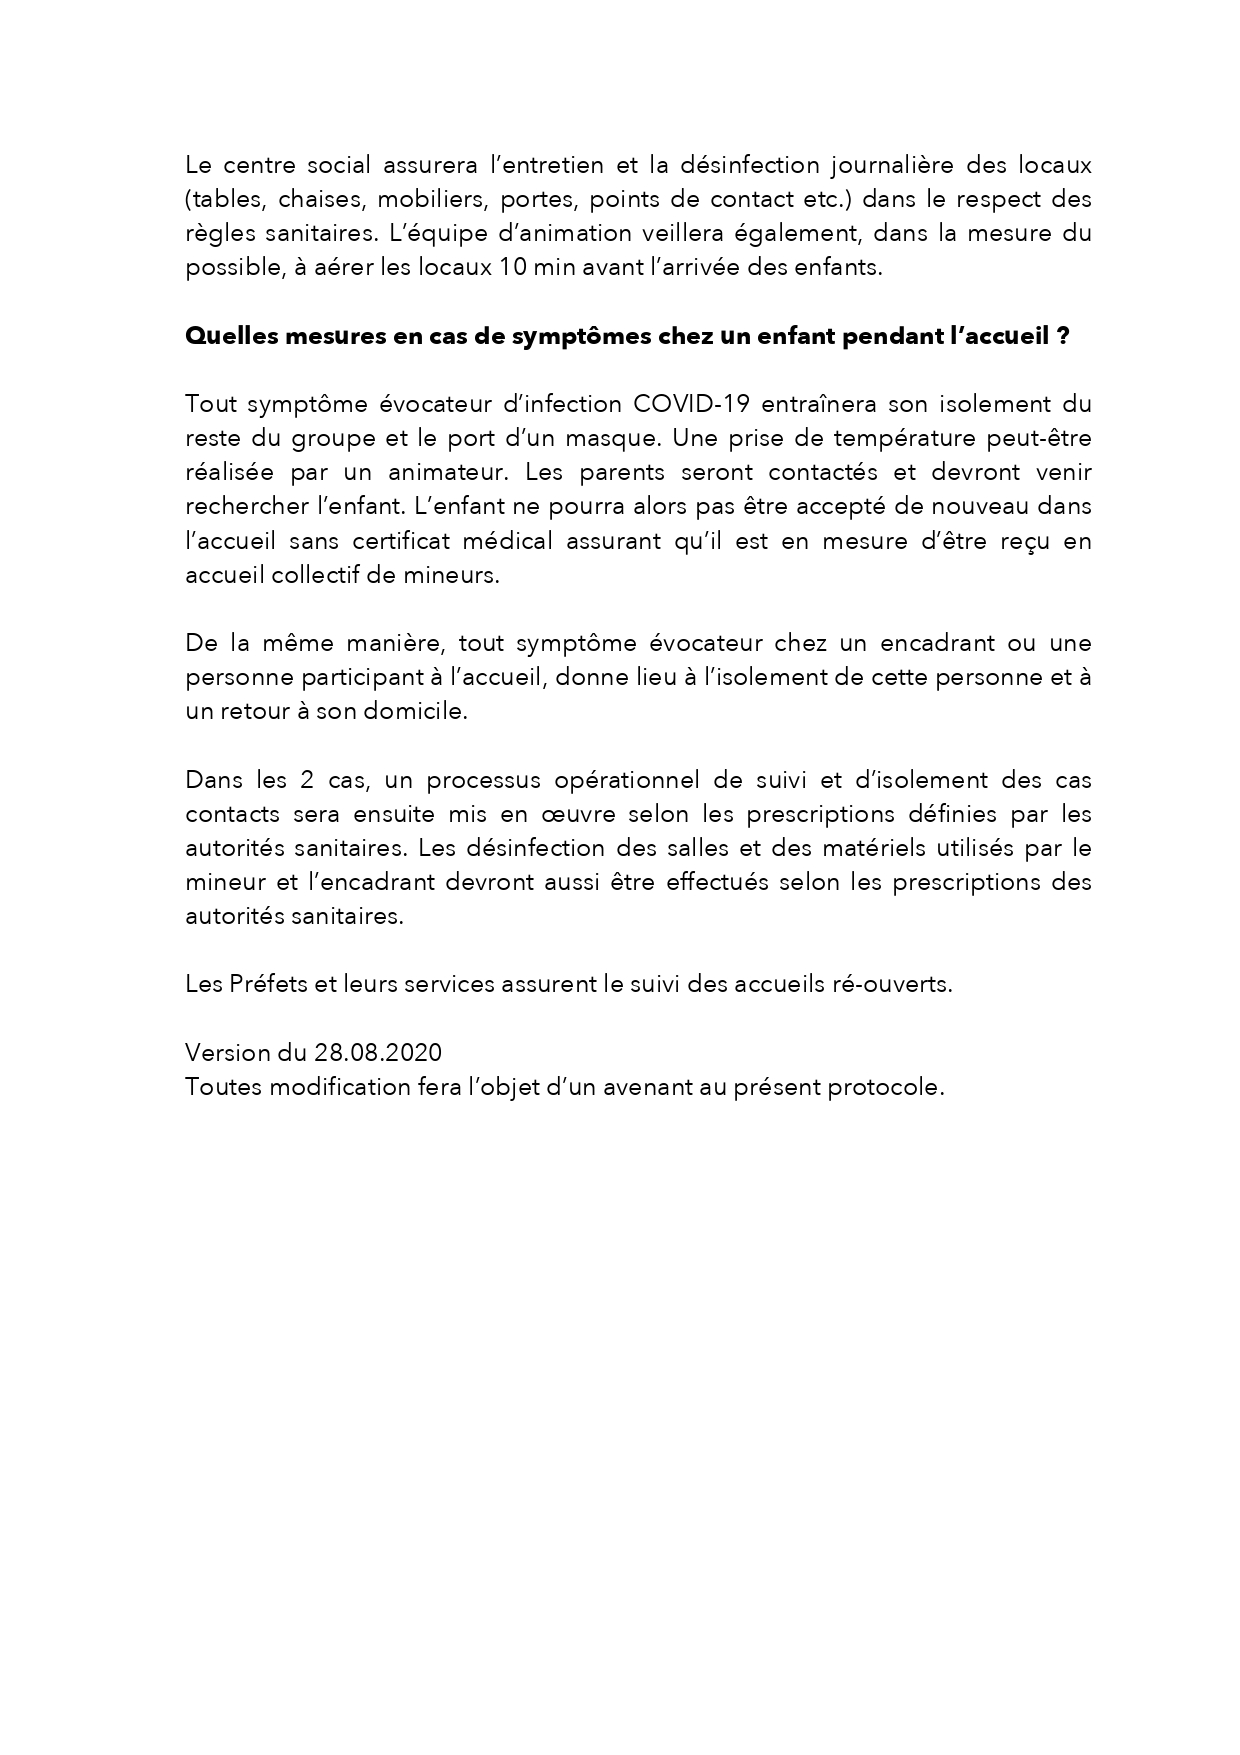 Protocole de réouverture de l'accueil du mercredi_page-0004